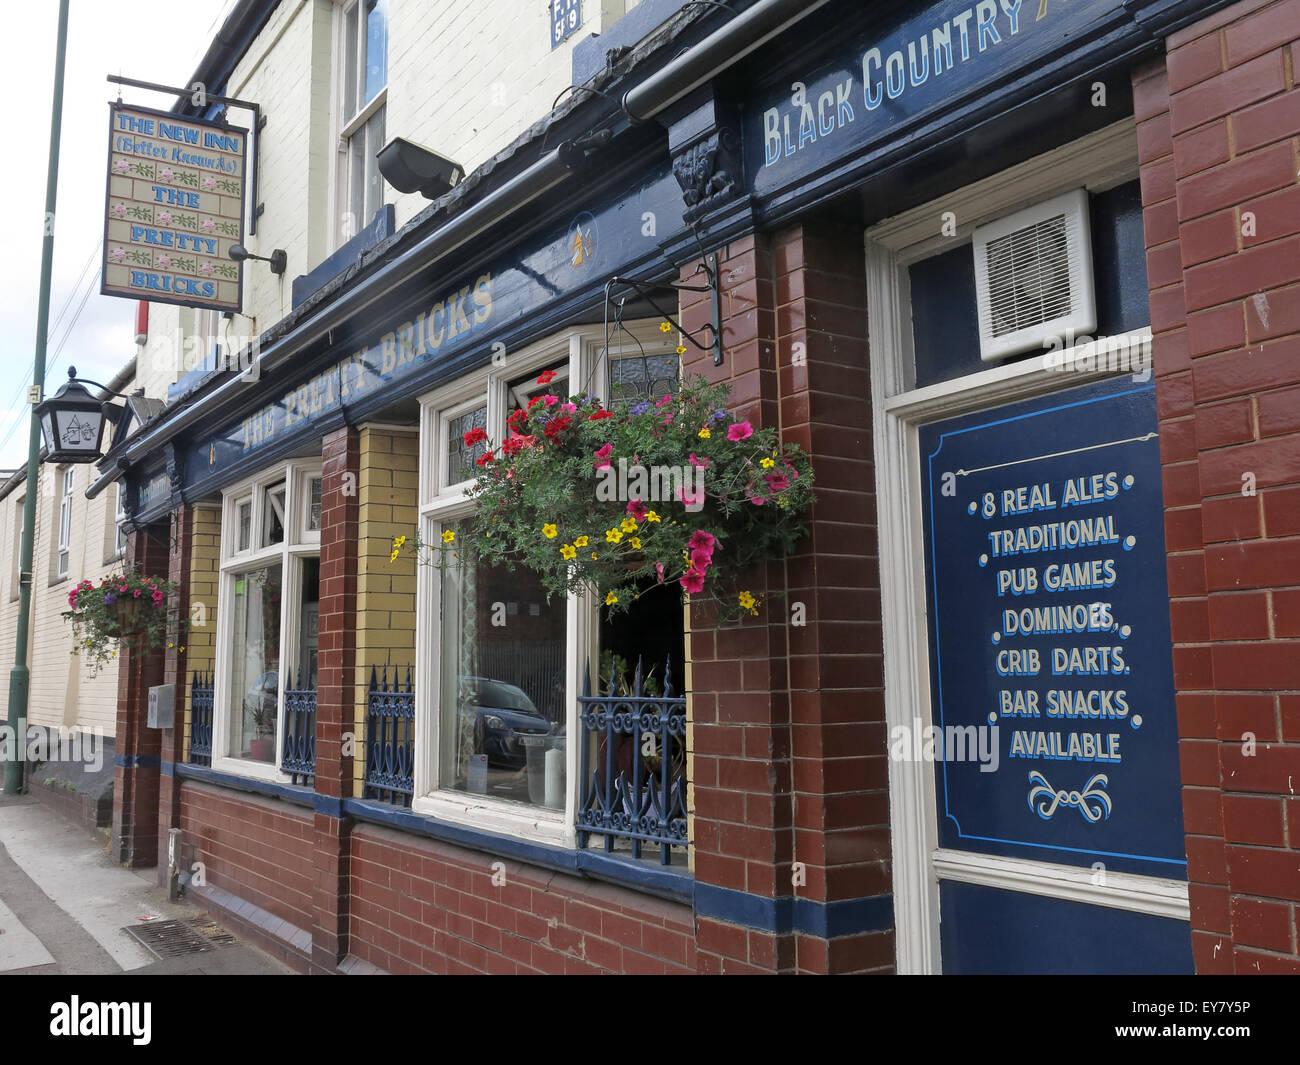 Laden Sie dieses Alamy Stockfoto Der hübsche Ziegel Pub, Walsall, schwarzen Land, West Midlands, England, UK - EY7Y5P